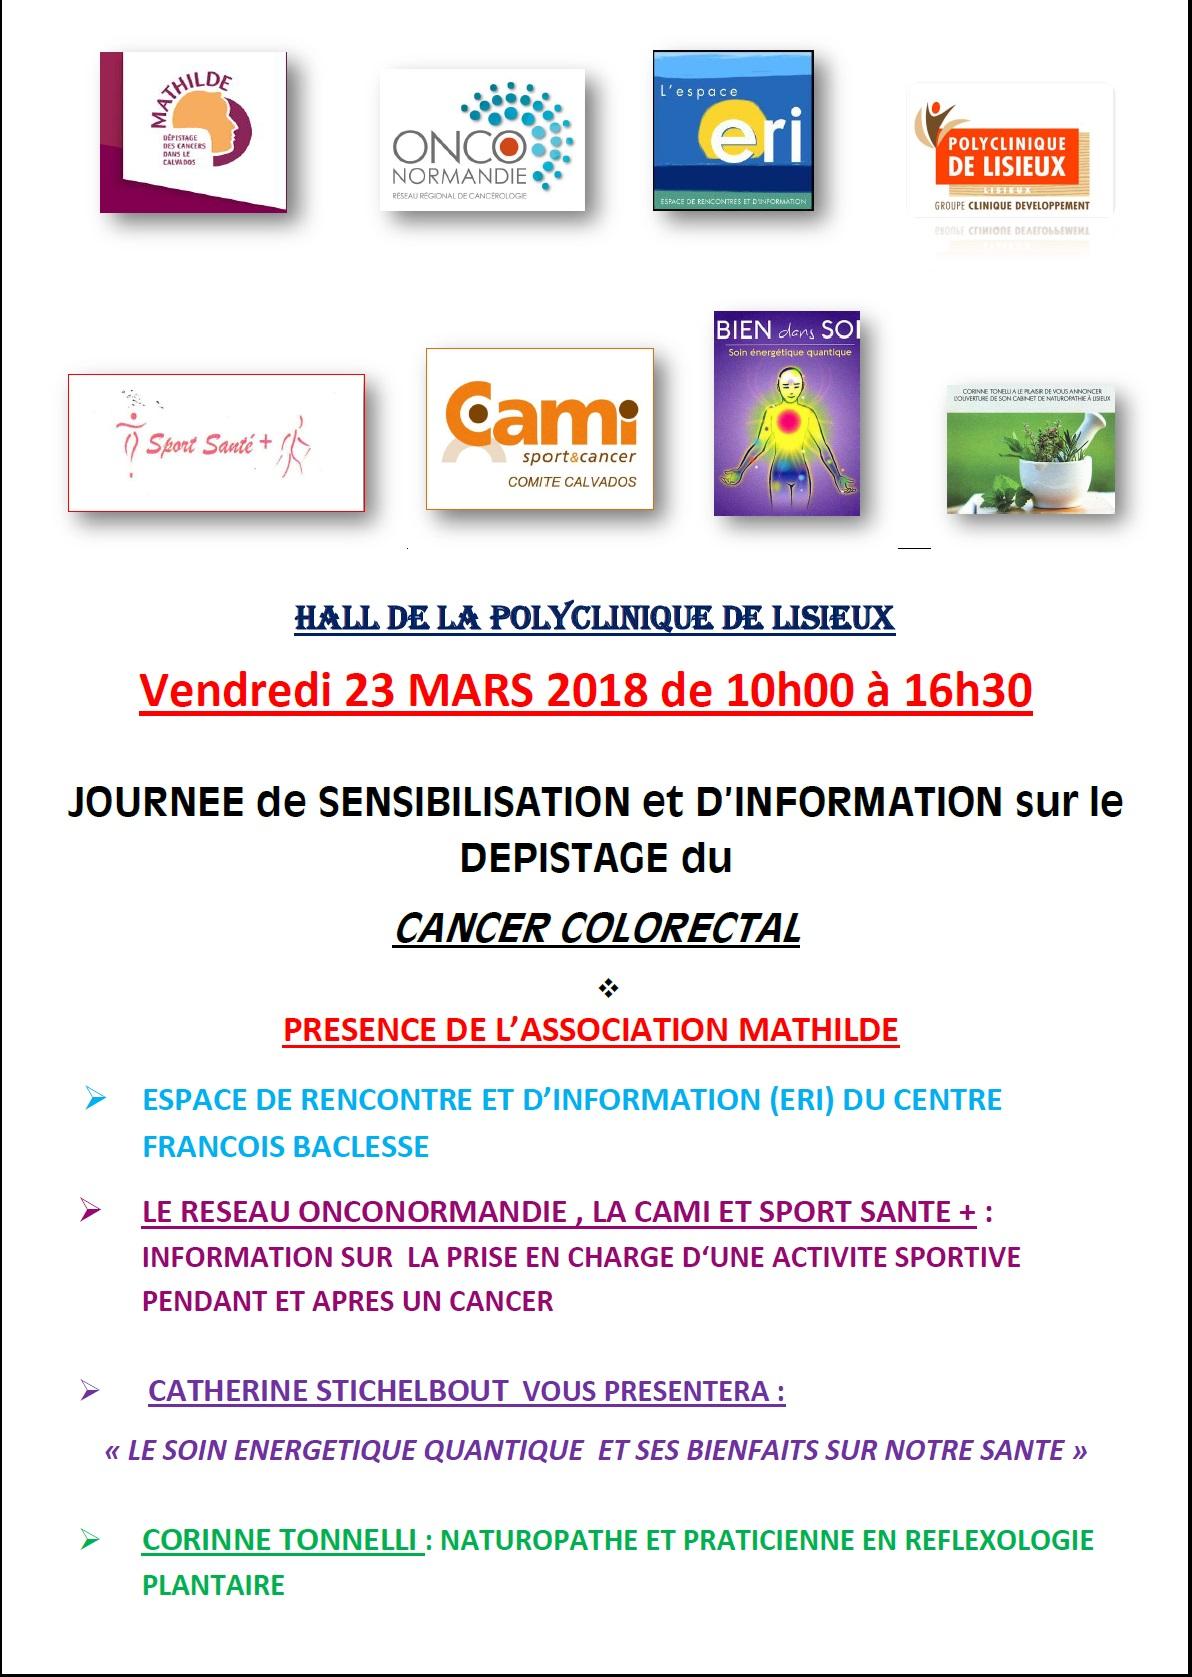 Vendredi 23/03/2018 : Stand d'information Polyclinique de Lisieux